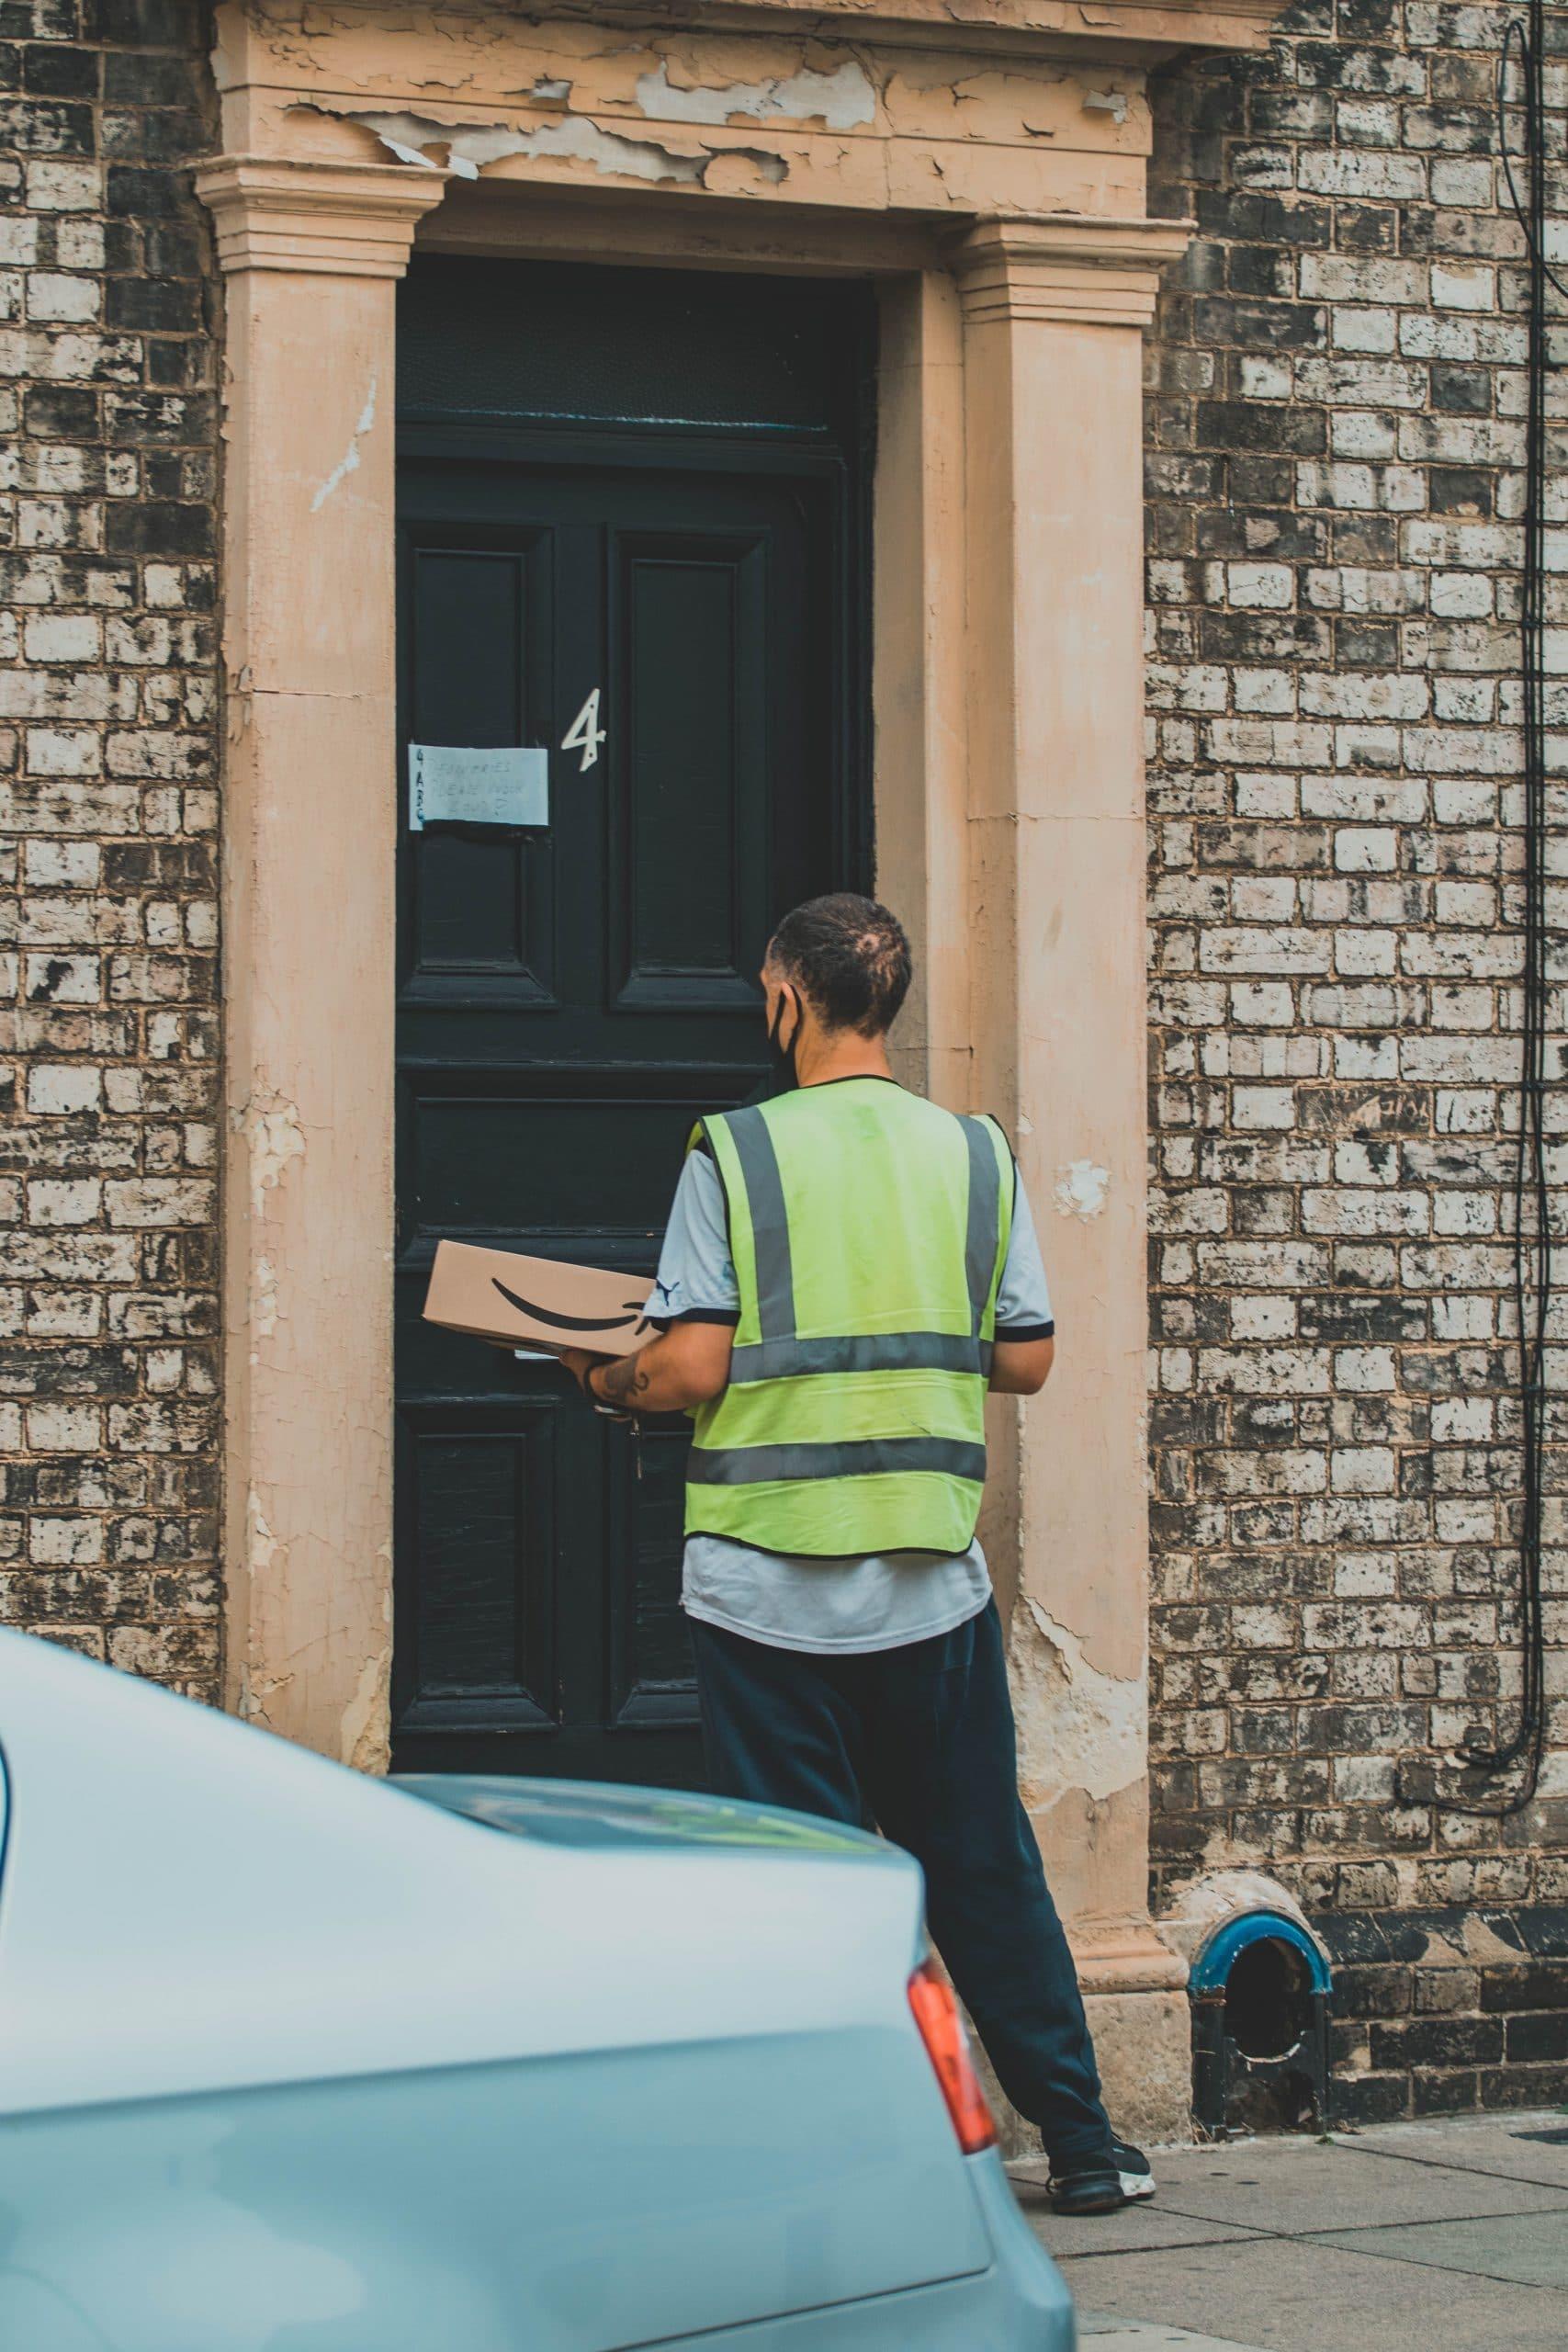 man delivery parcel to door